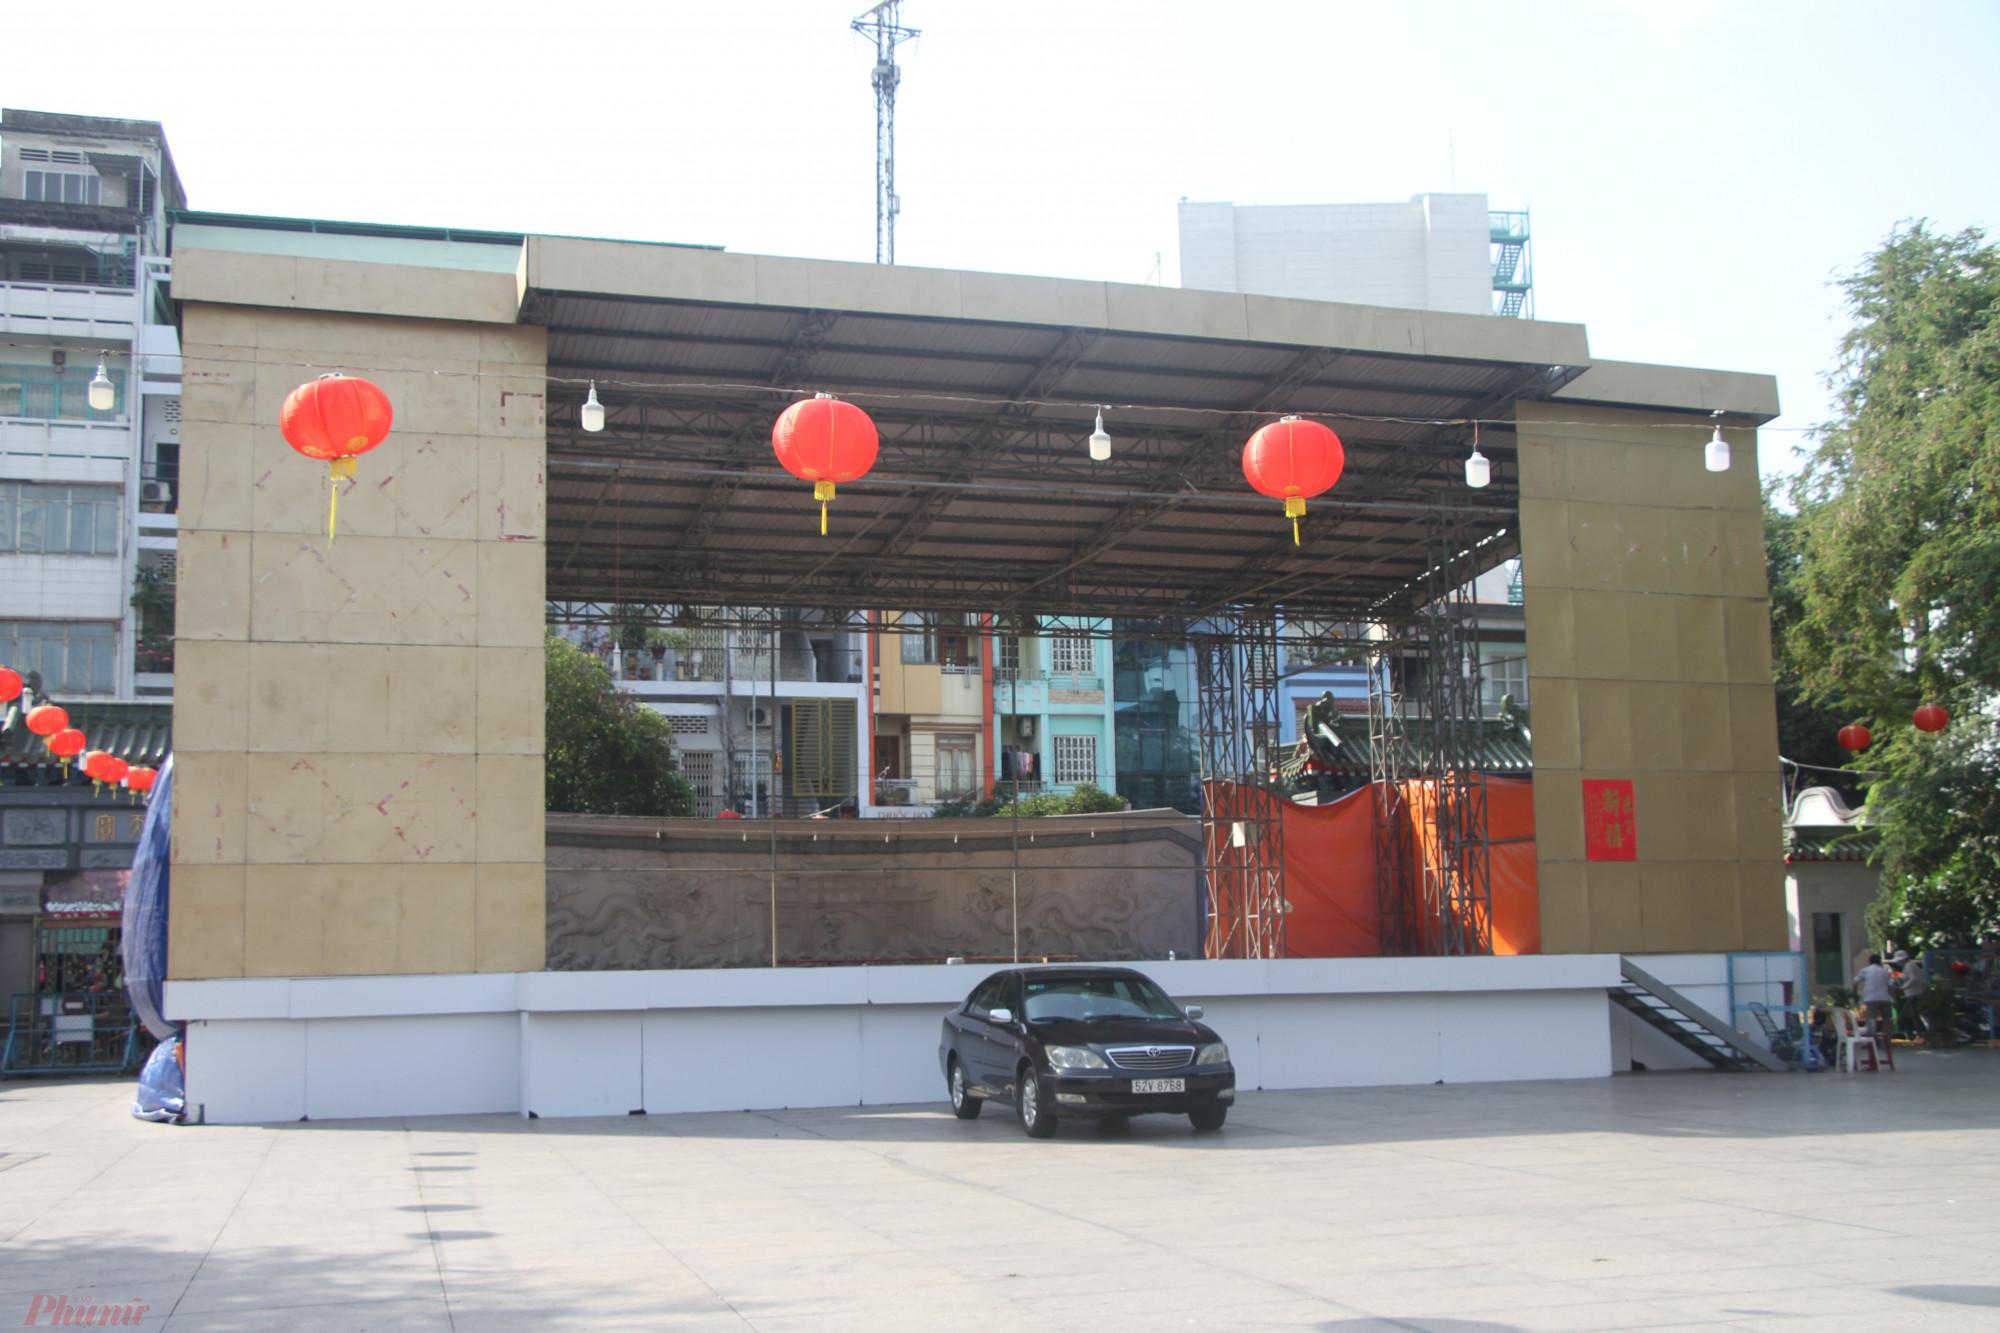 Khu vực sân khấu để hát tuồng dịp tết Nguyên Tiêu năm nay cũng không thấy sự trang hoàng, do lịch diễn bị hủy.